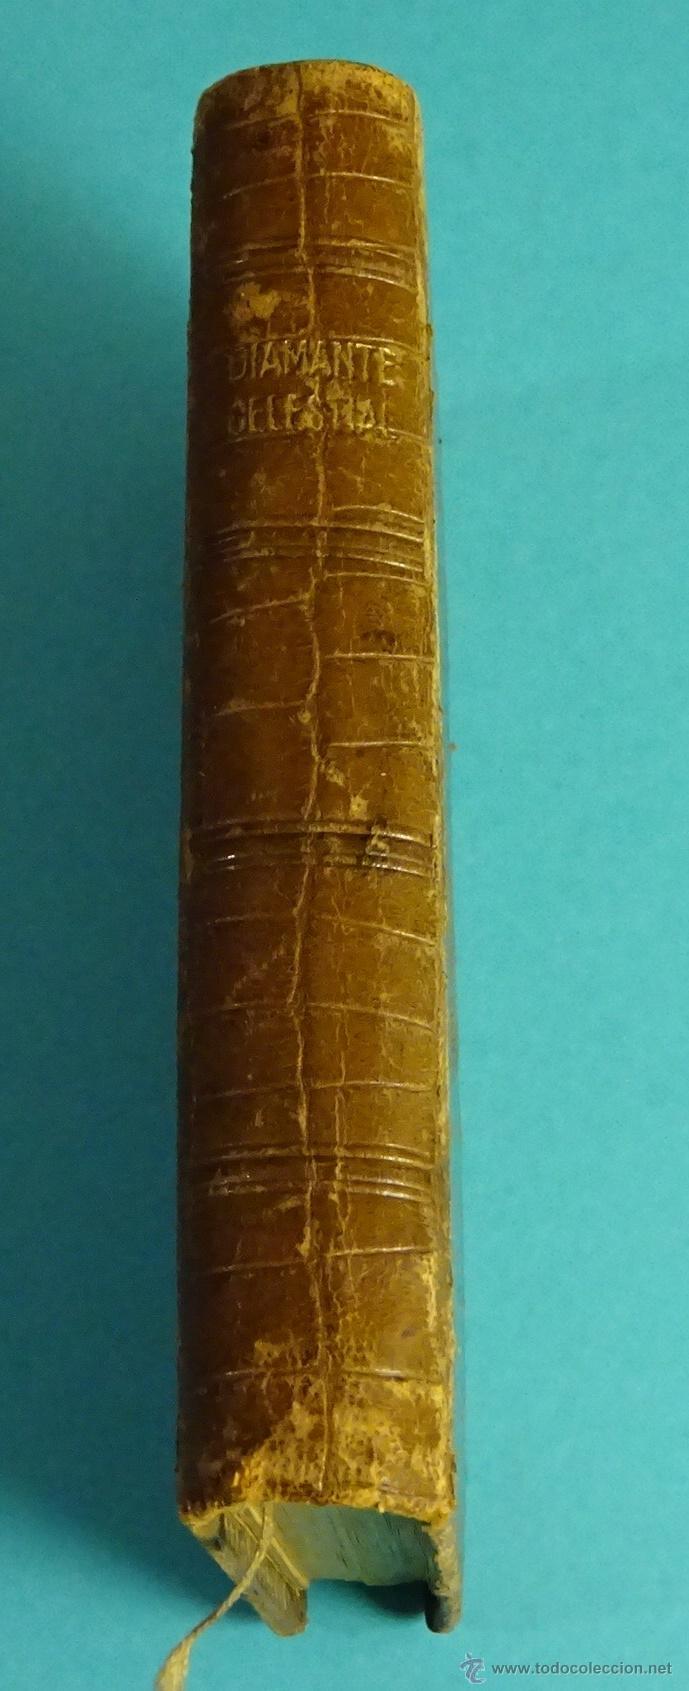 Libros antiguos: DIAMANTE CELESTIAL, NOVÍSIMO DEVOCIONARIO ESCOGIDO. BERNADÁS Y MIR, EDITORES. PIEL. CORTES DORADOS - Foto 2 - 54251856